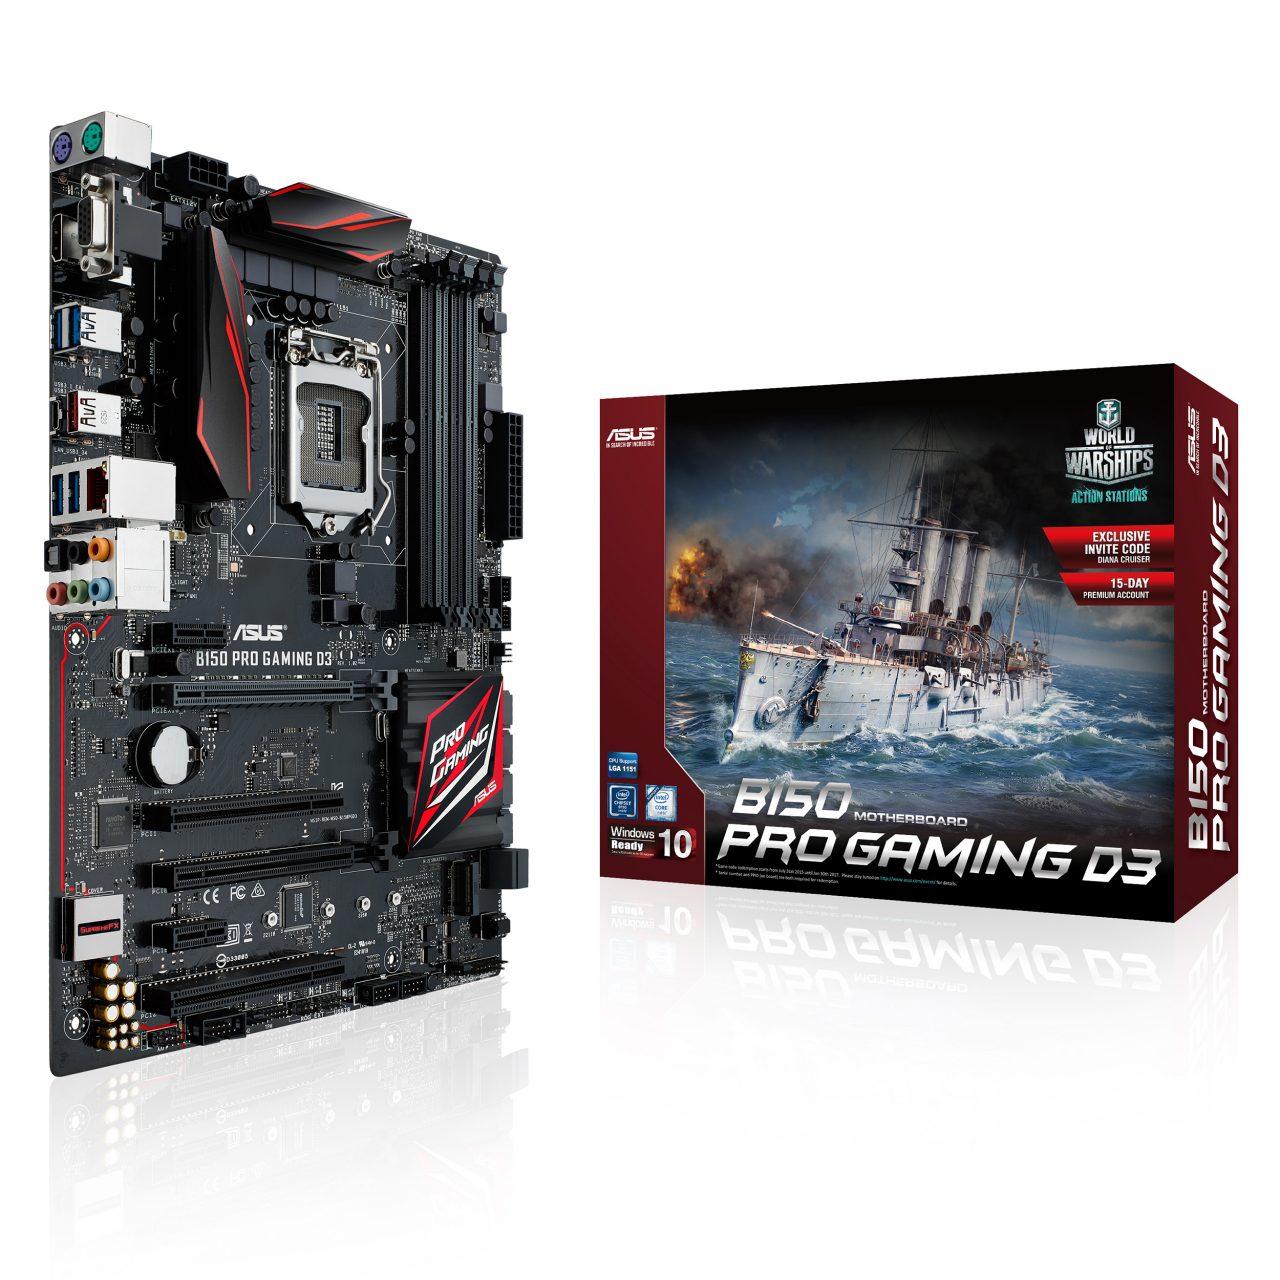 B150 Pro Gaming D3_3Dbox+MB (WOW version)